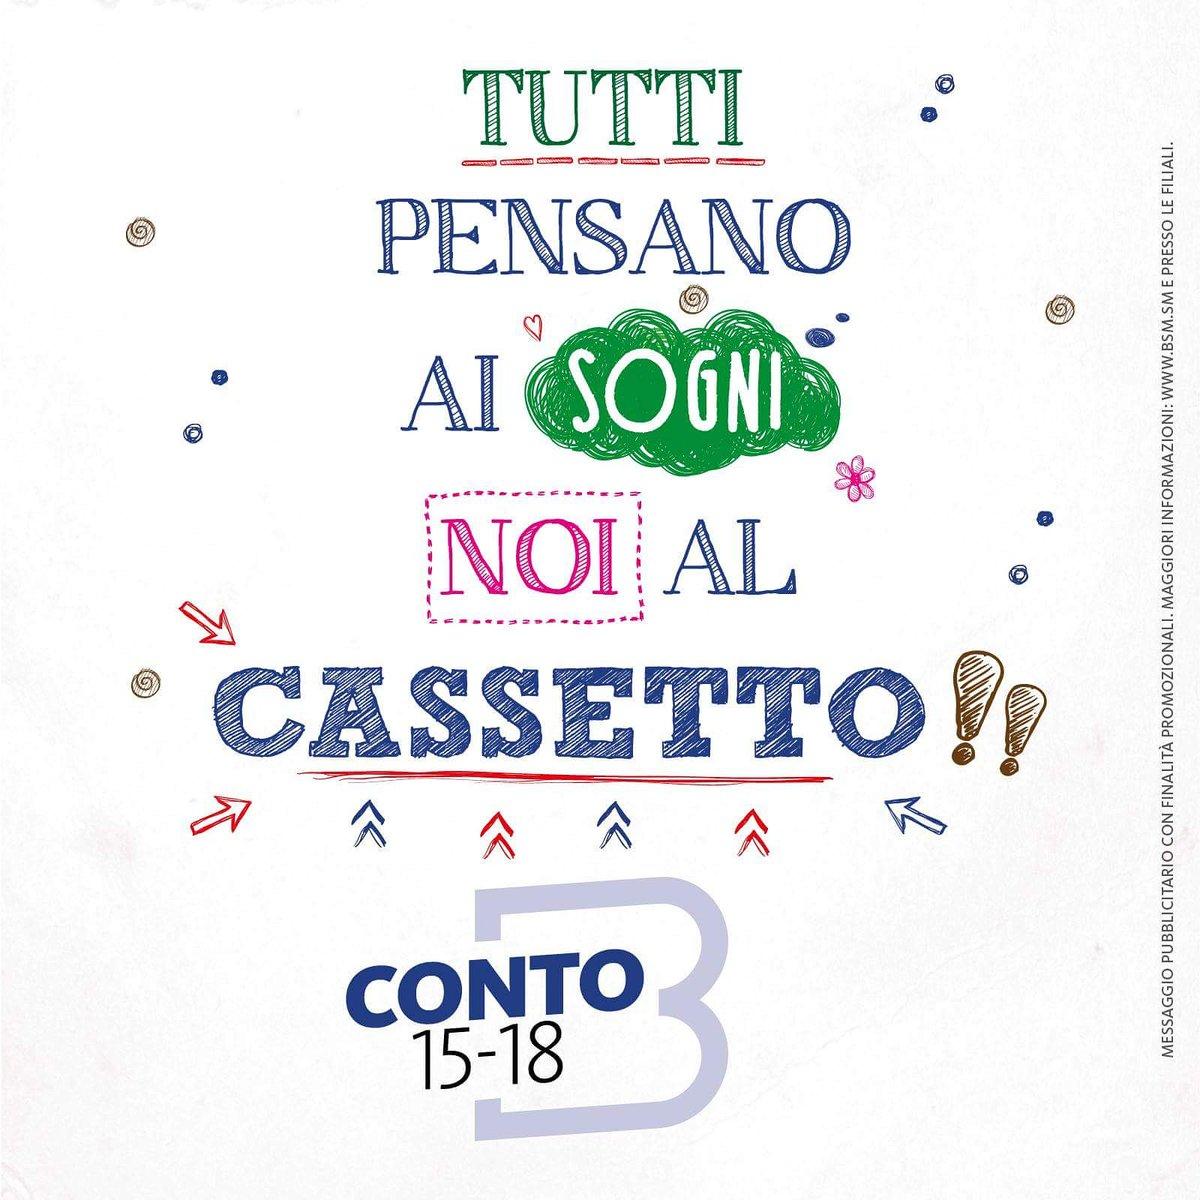 Banca di San Marino on Twitter: CONTO GIOVANI 15-18 BSM PENSA AL ...